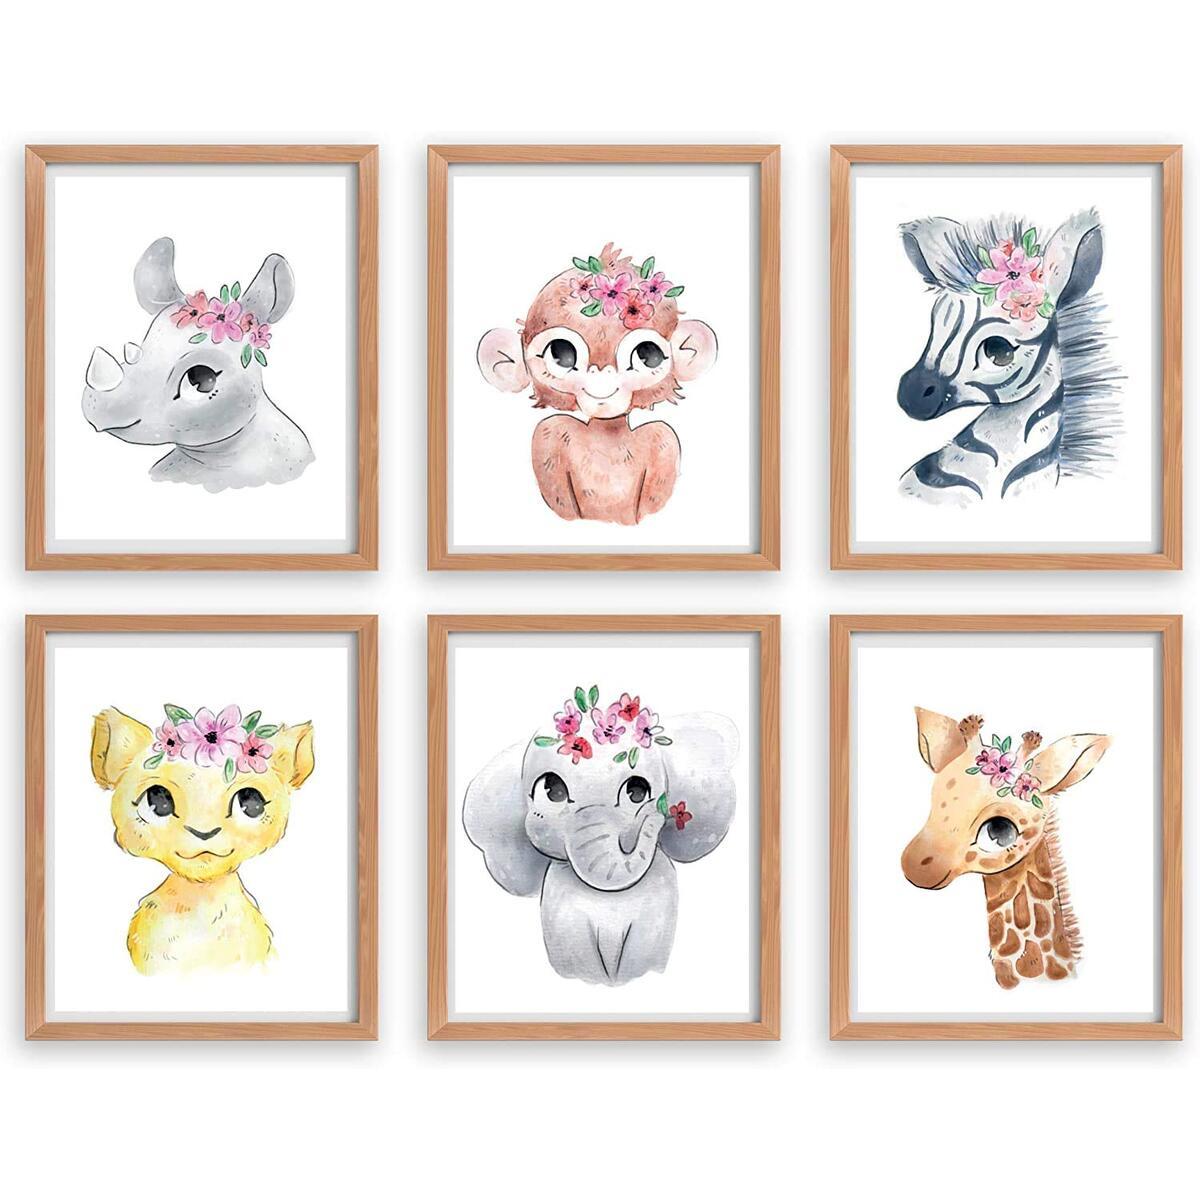 Safari Nursery Girls, Floral Nursery, Nursery prints, Nursery wall art posters